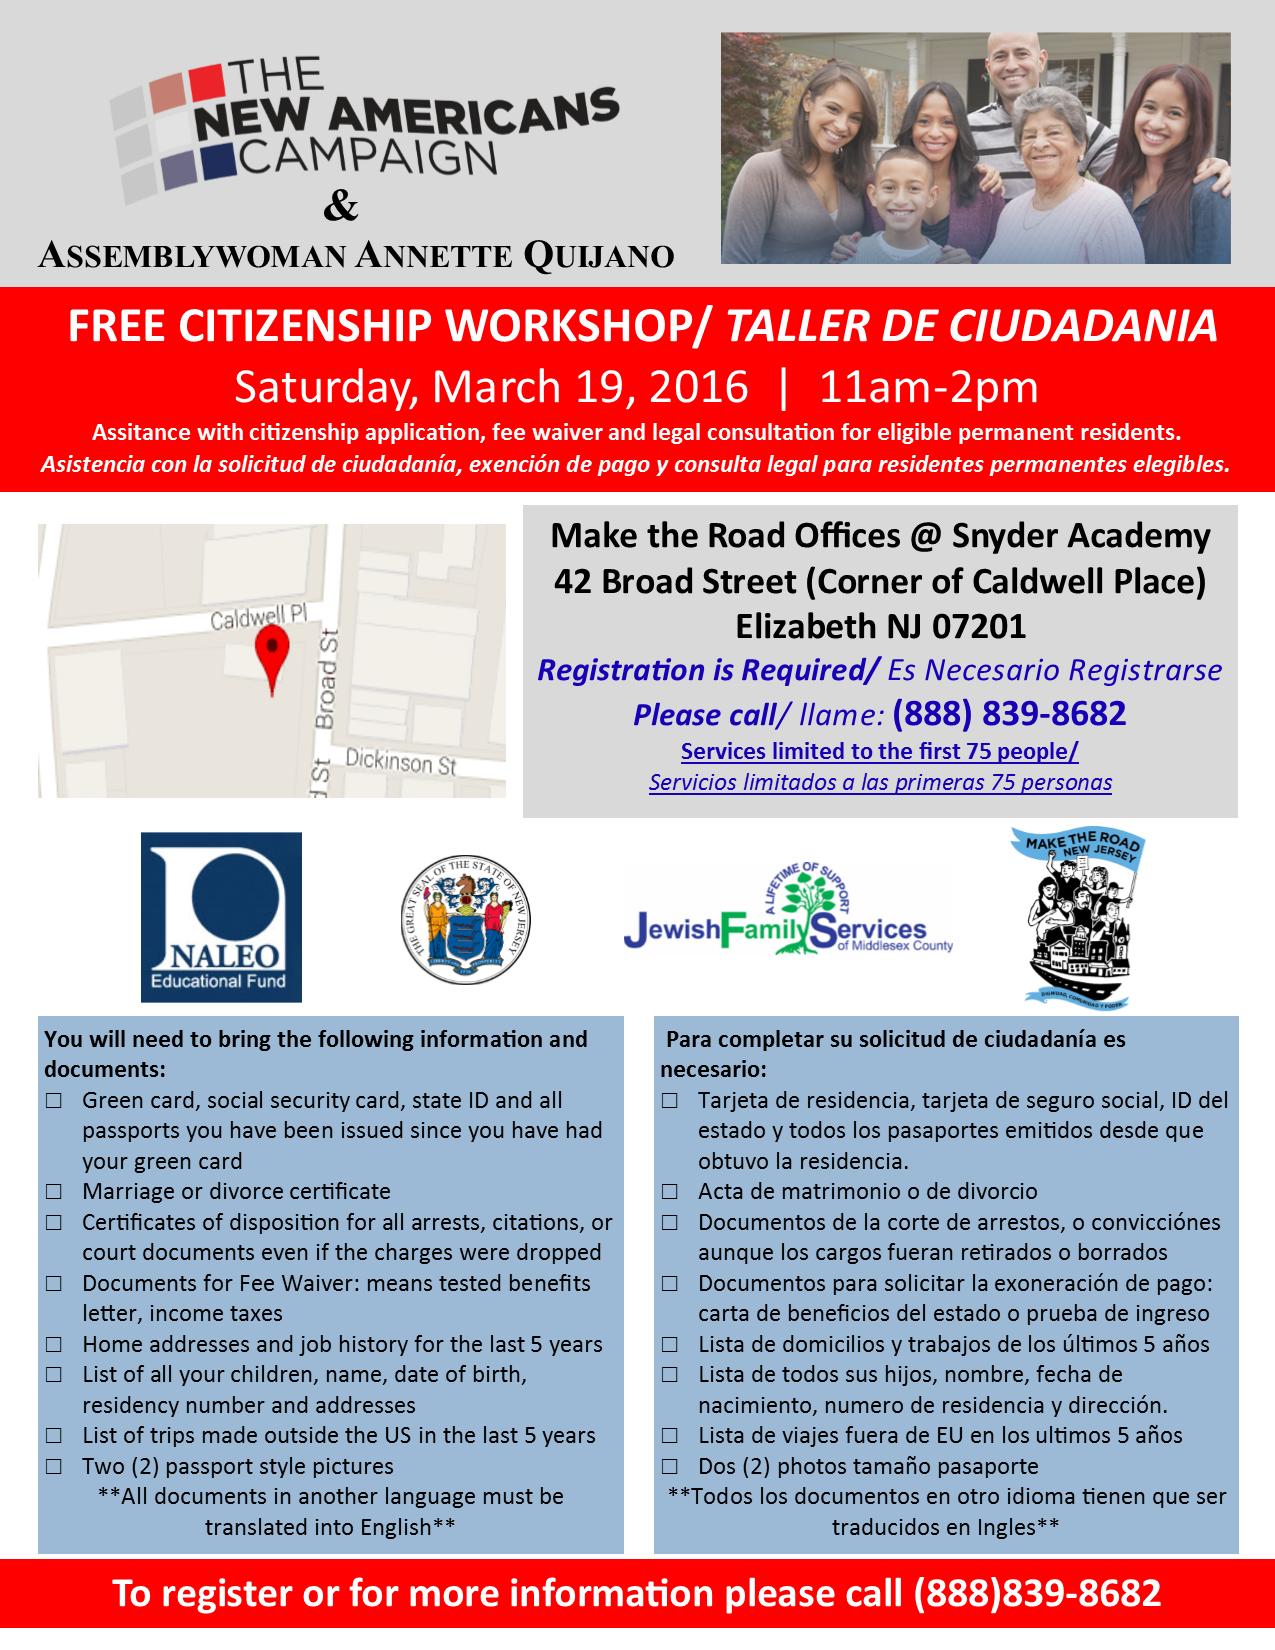 1bb471536d3d0d2fdfc1_Citizen_workshop_flyer.jpg